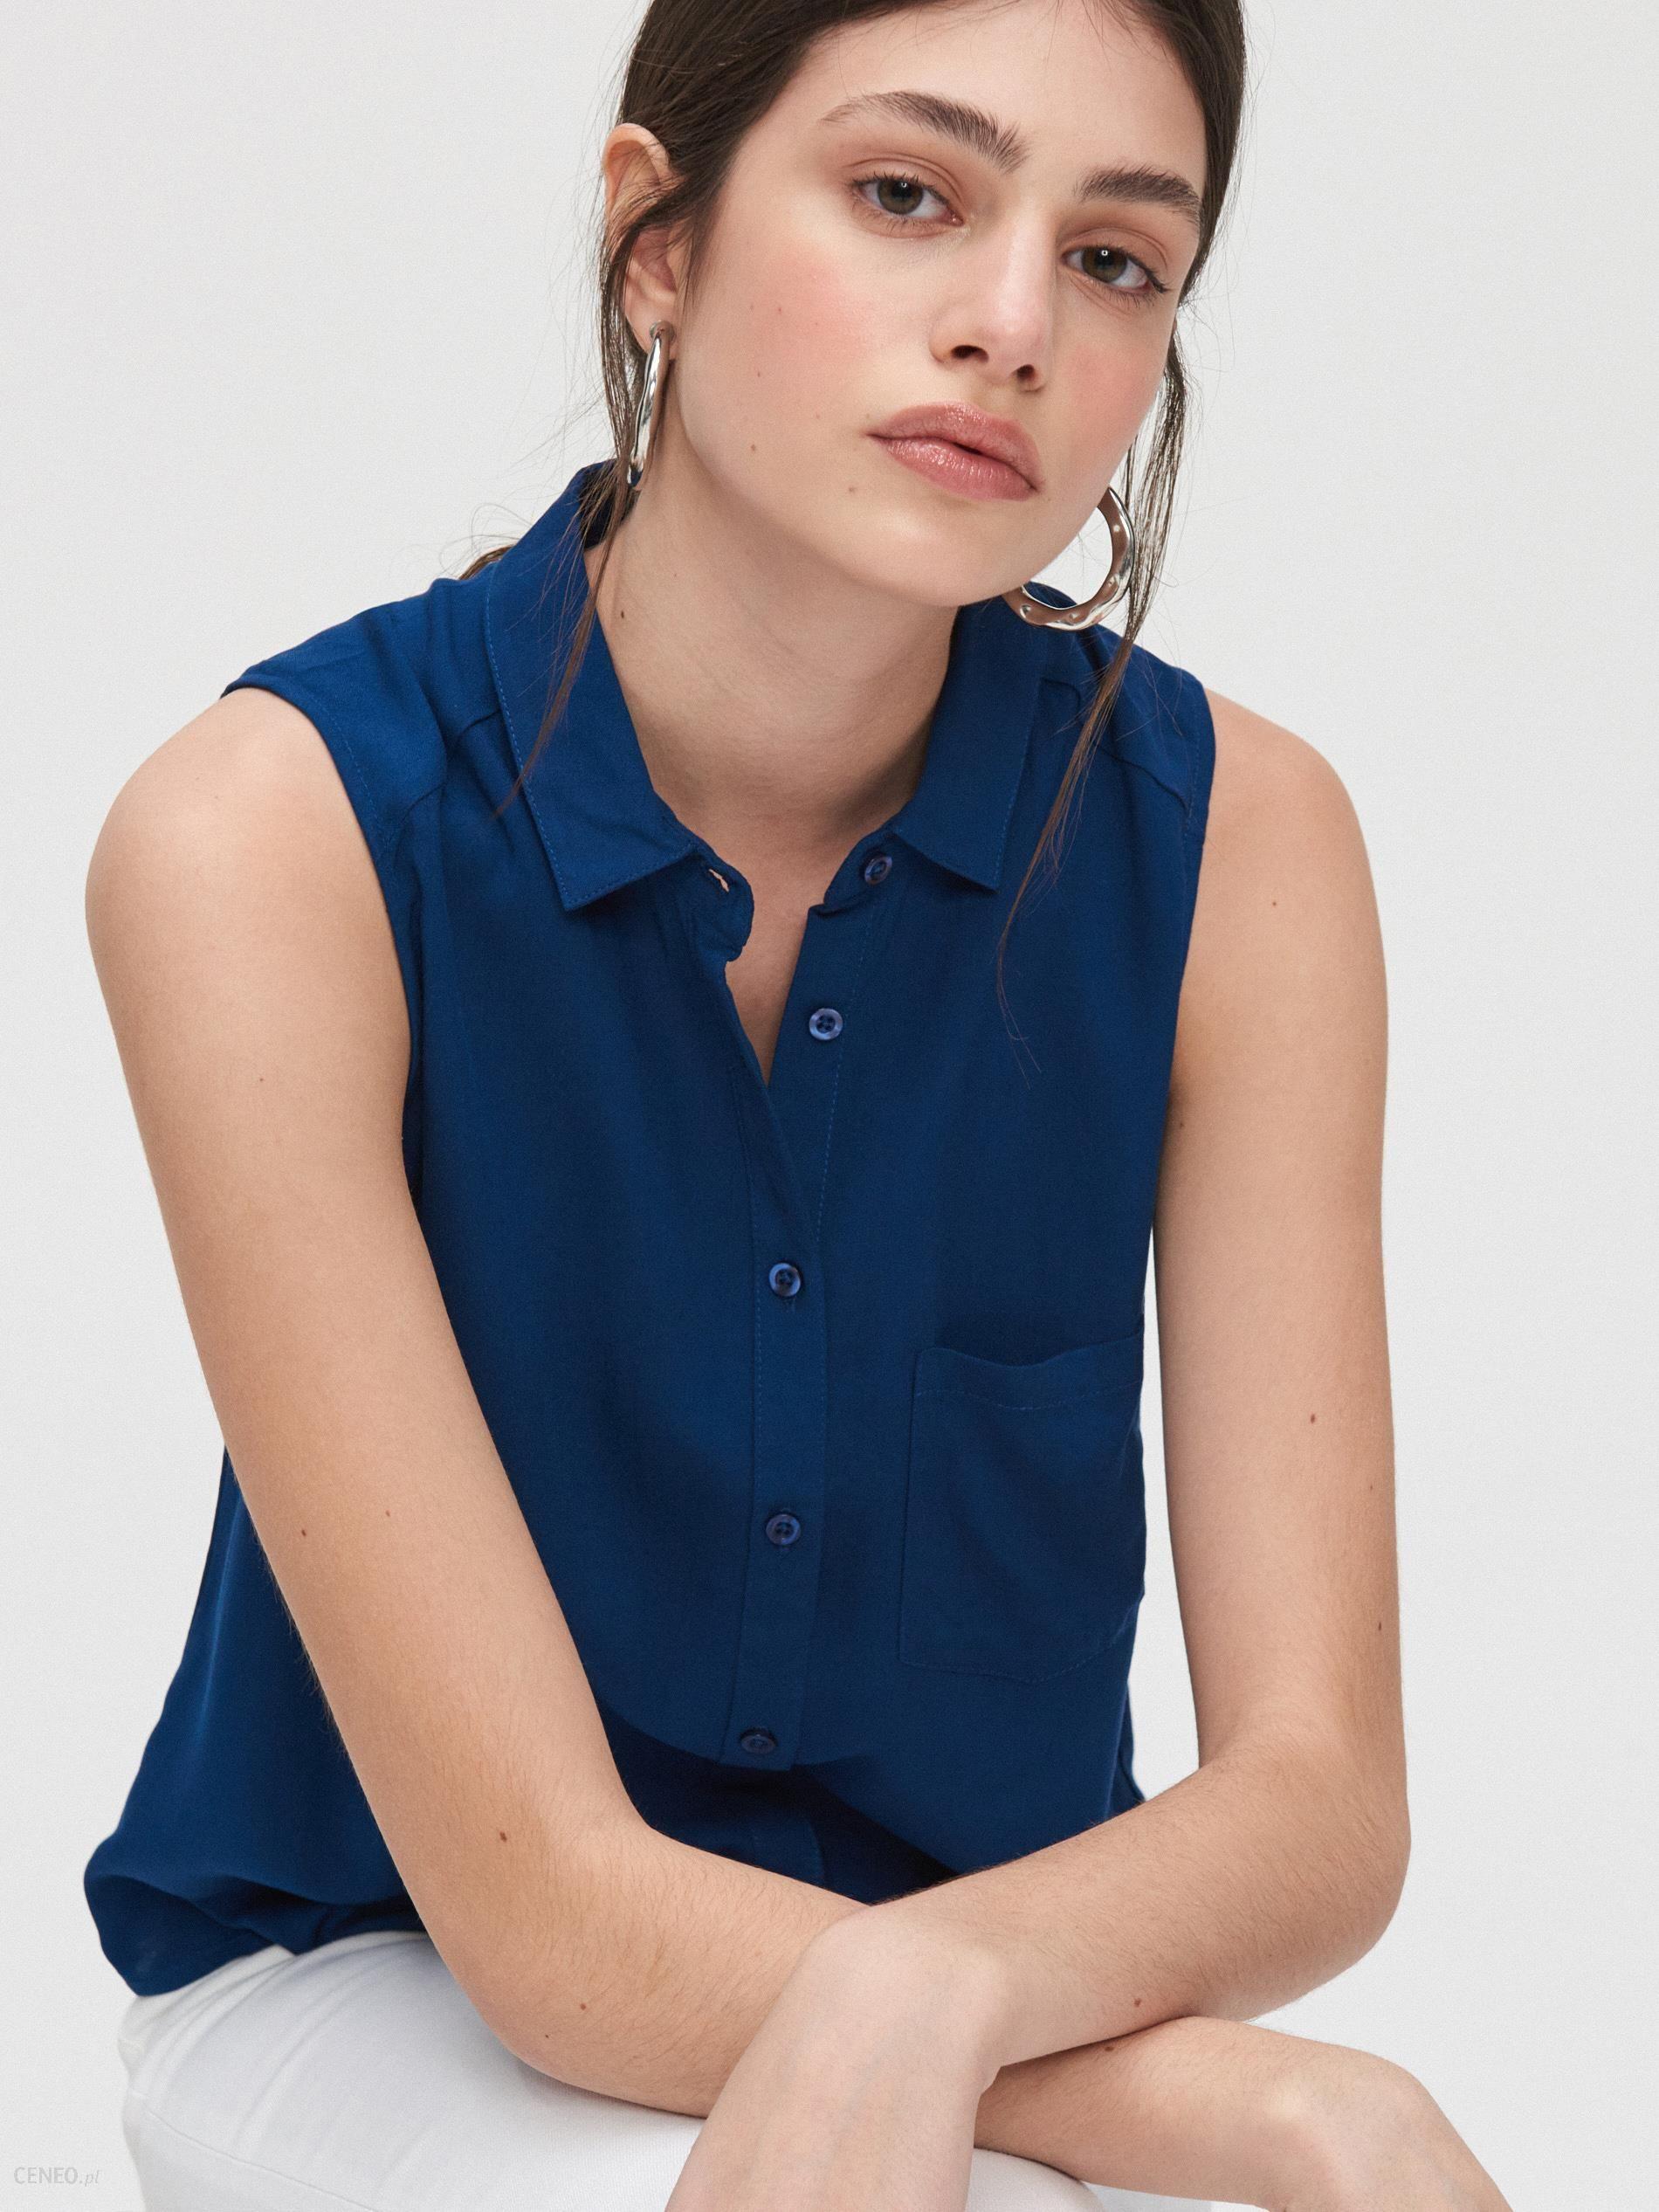 Cropp Koszula bez rękawów Granatowy Ceny i opinie  hggkW